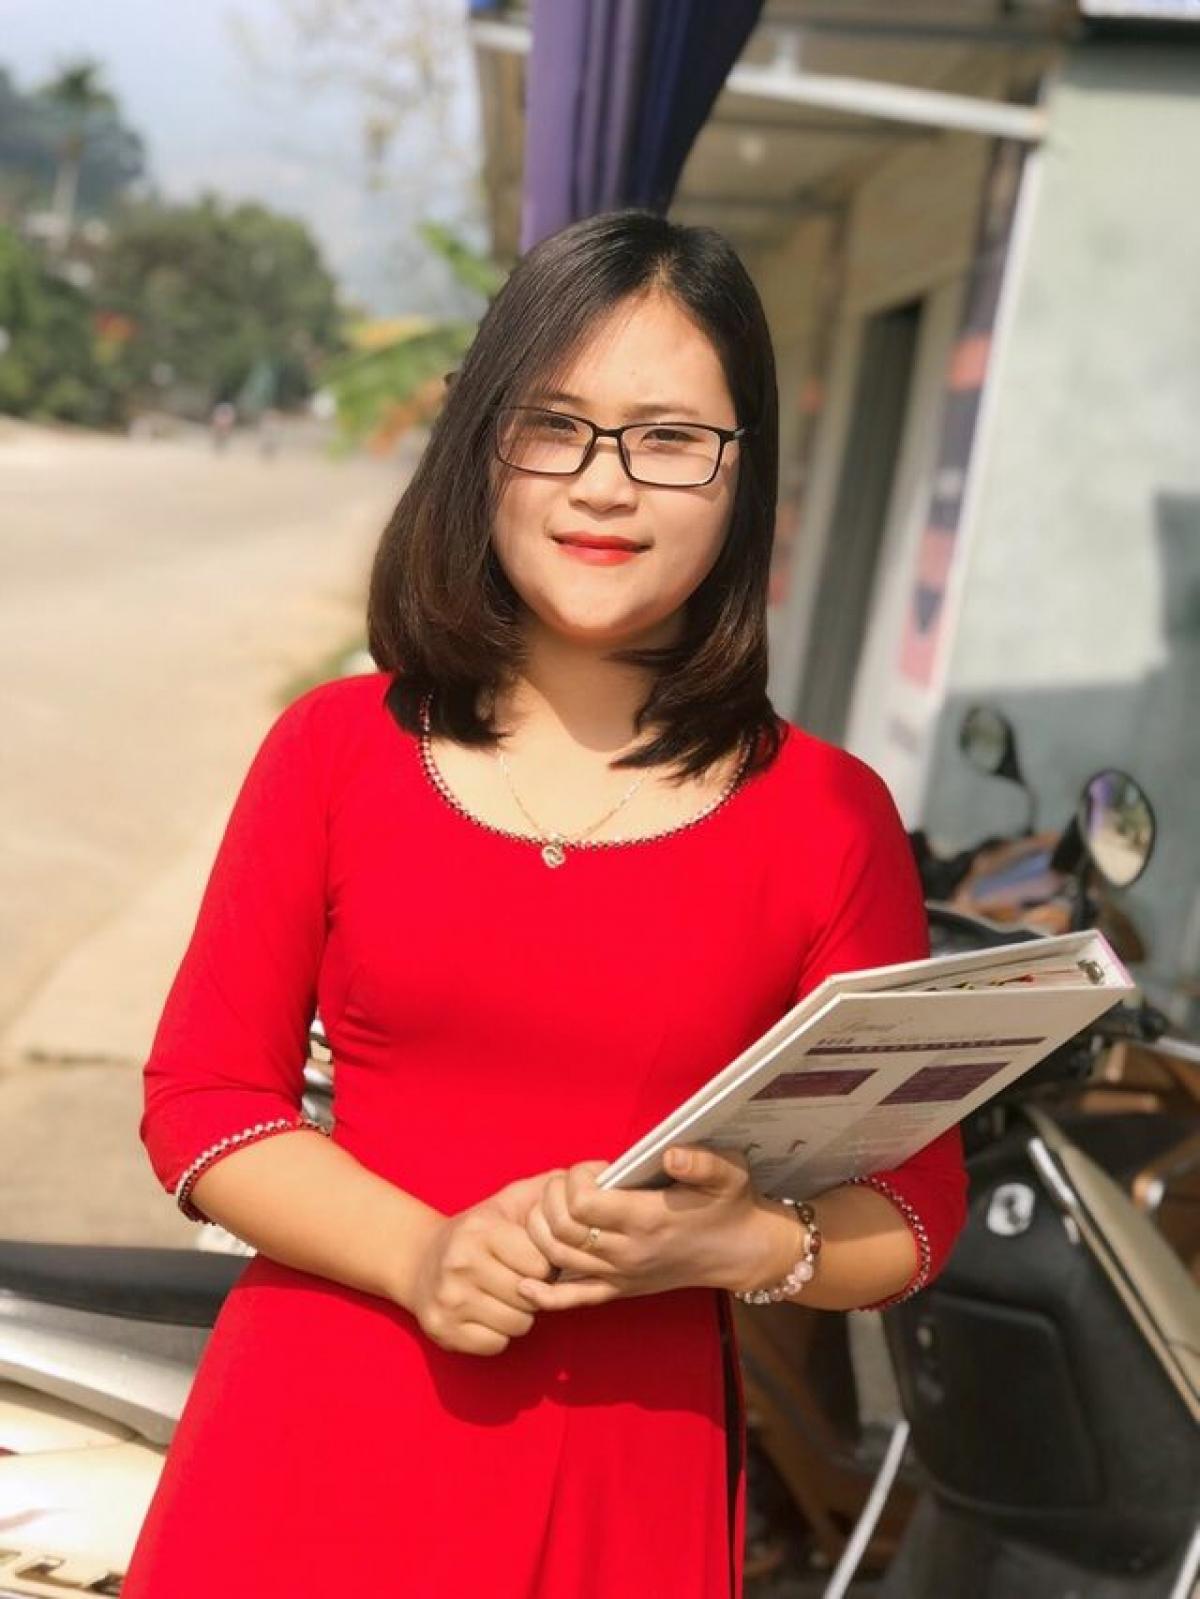 Cô giáo Hà Ánh Phượng, dân tộc Mường ở tỉnh Phú Thọ